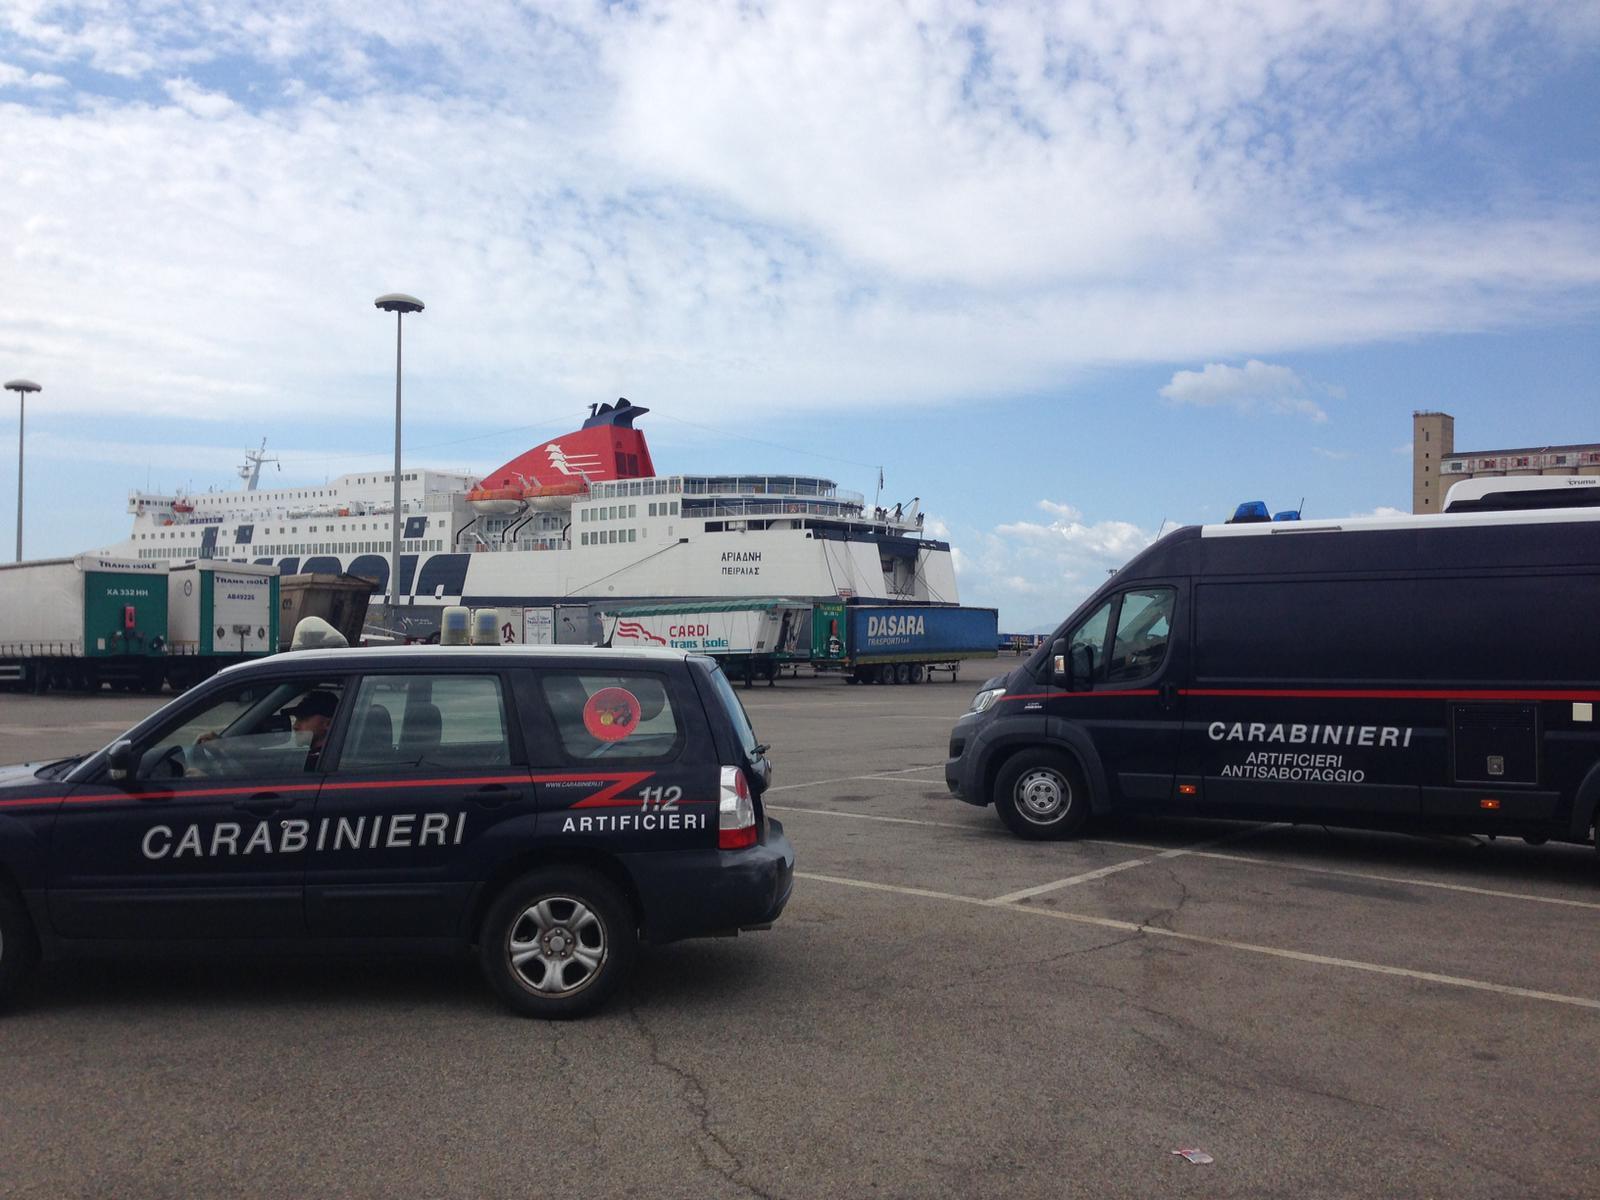 Artificieri impegnati al porto di Cagliari per un'esercitazione di antiterrorismo (2)